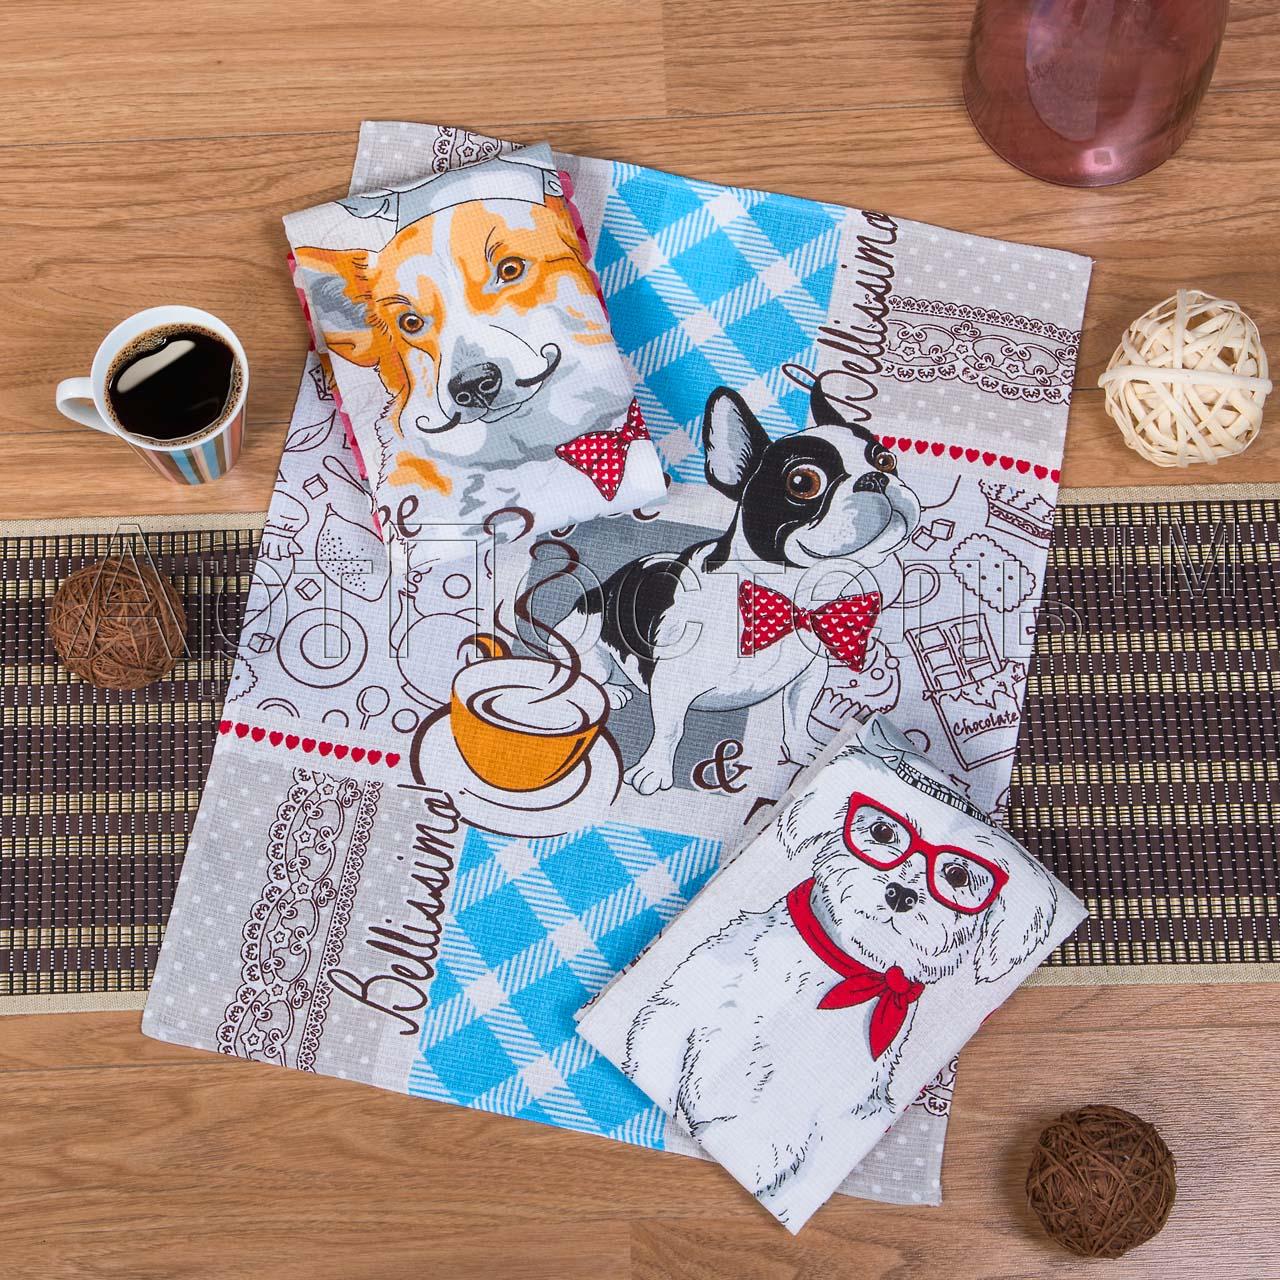 Набор полотенец Гурман р. 45х60Вафельные полотенца<br>Плотность:160 г/кв. м<br><br>Тип: Набор полотенец<br>Размер: 45х60<br>Материал: Вафельное полотно